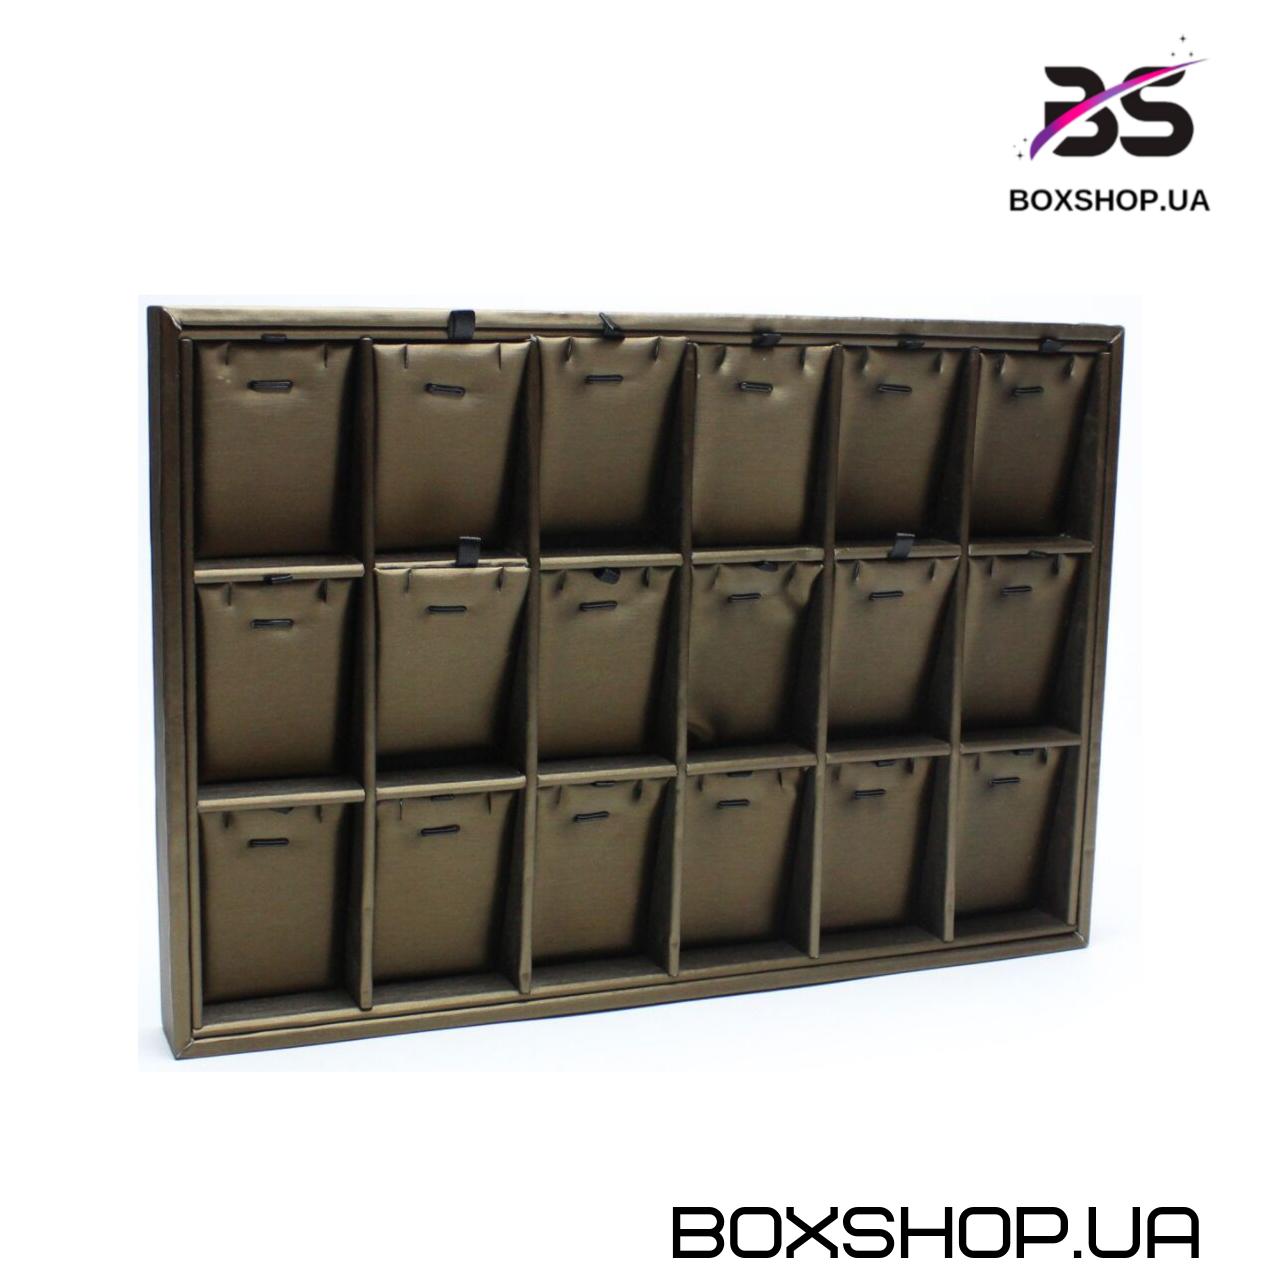 Ювелирный планшет BOXSHOP - 1022373979